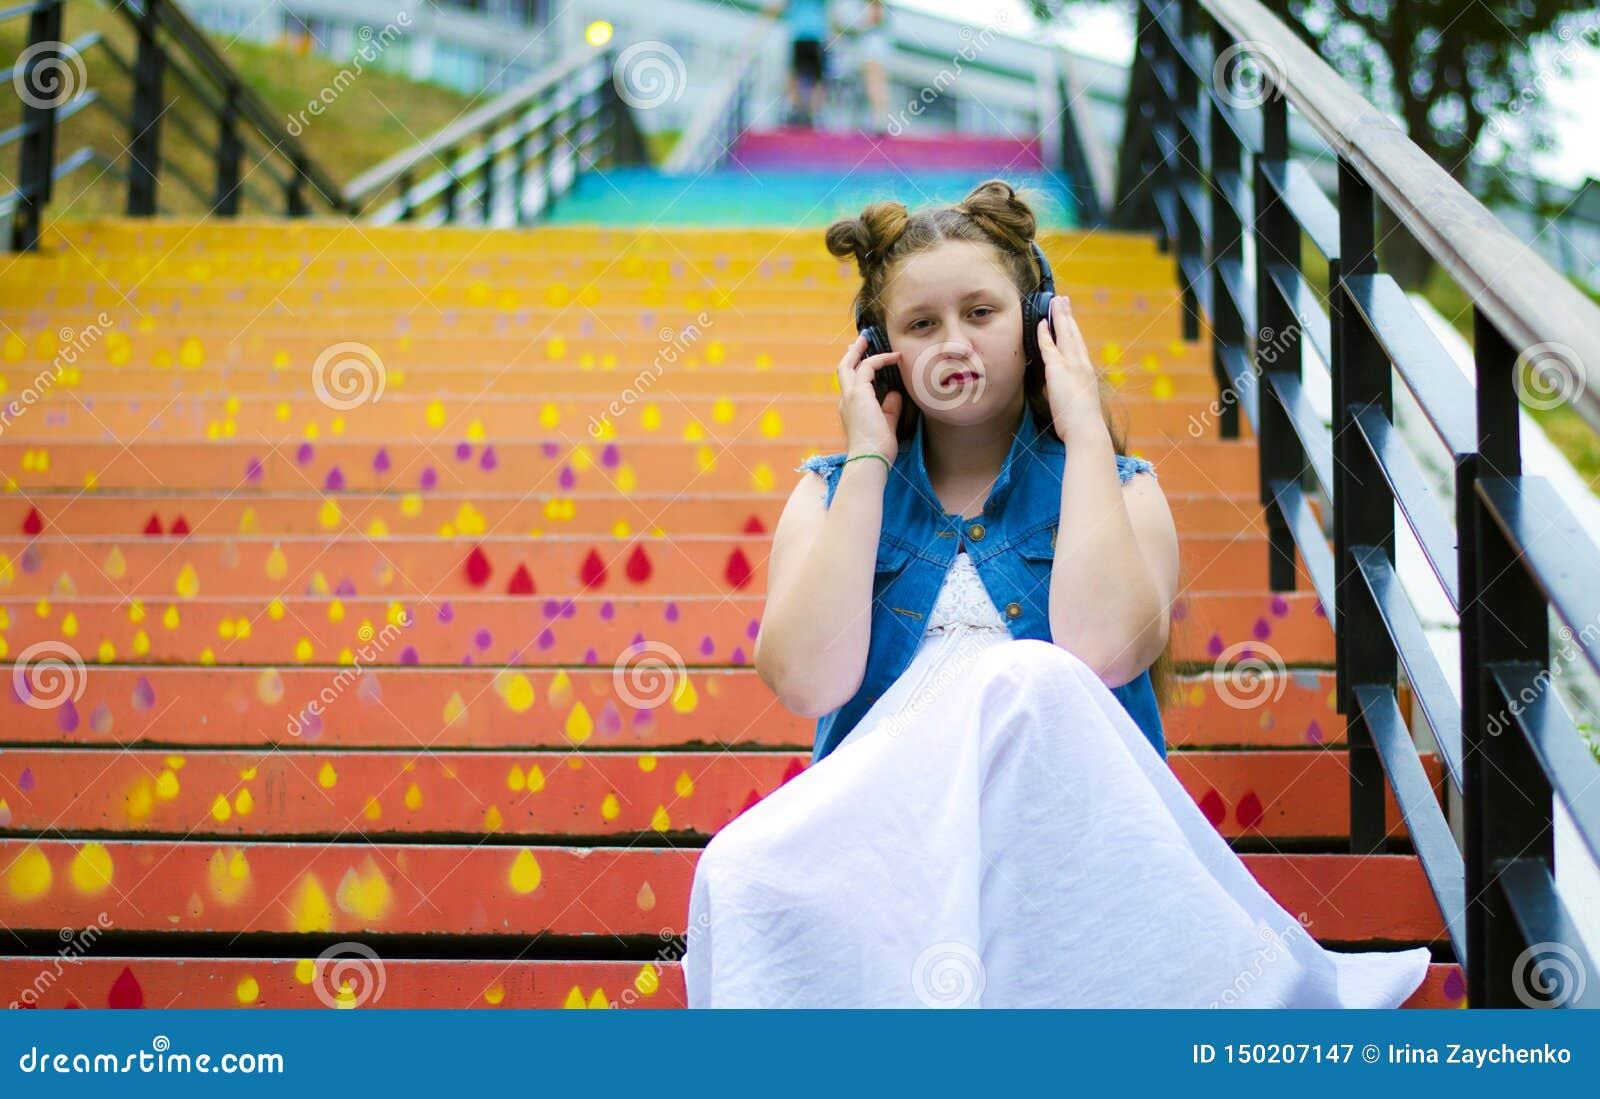 Πορτρέτο ενός όμορφου, νέο κορίτσι που κάθεται στα σκαλοπάτια και ακούει τη μουσική στα ακουστικά, στην οδό, το καλοκαίρι